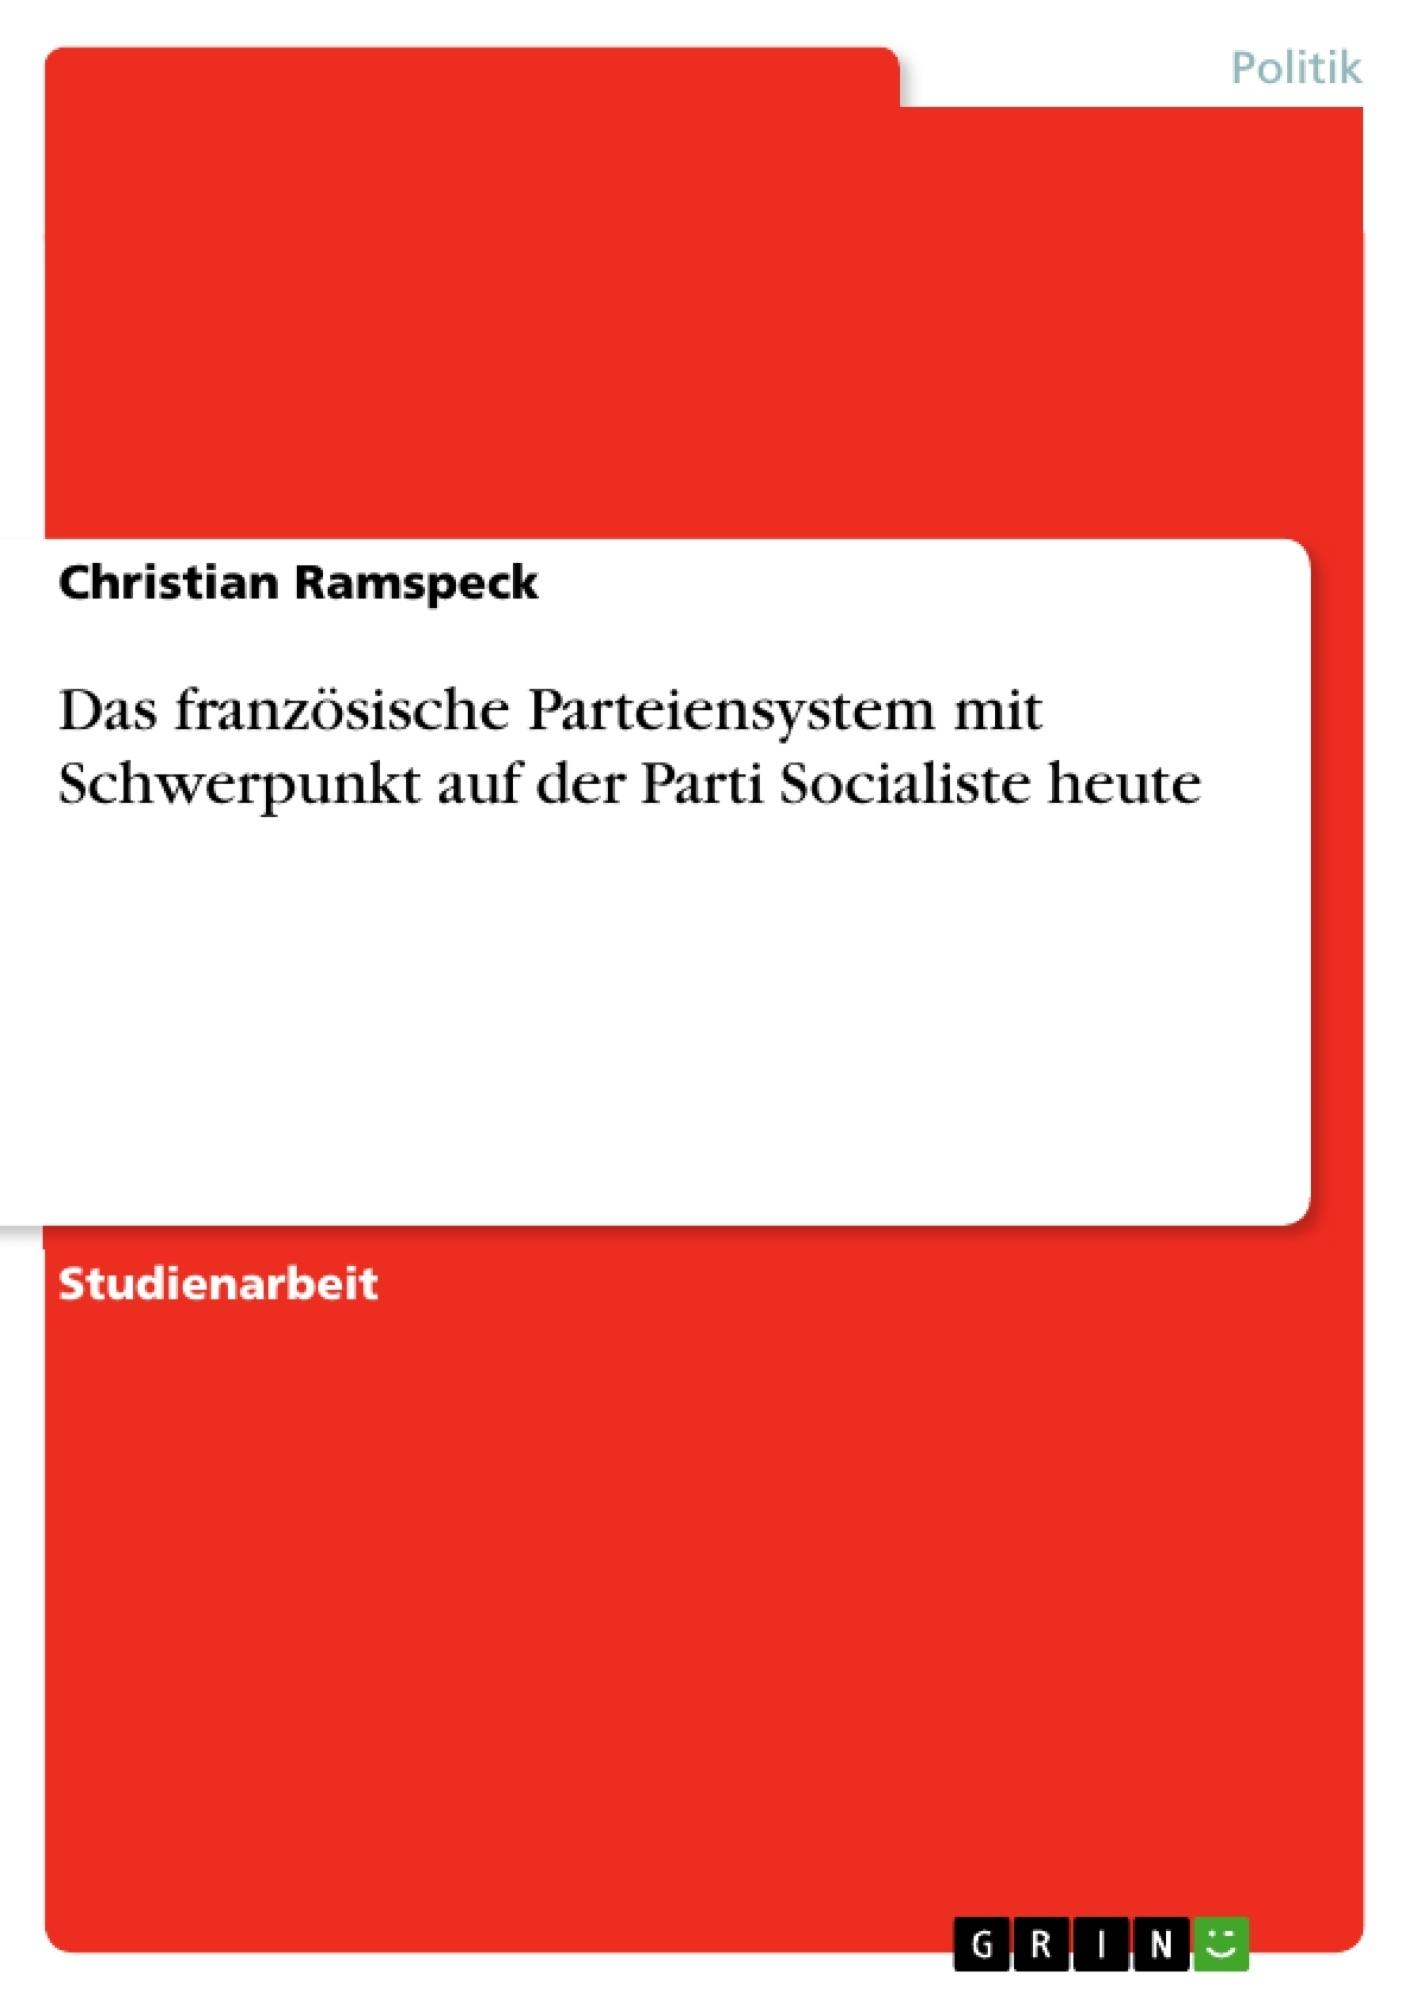 Titel: Das französische Parteiensystem mit Schwerpunkt auf der Parti Socialiste heute